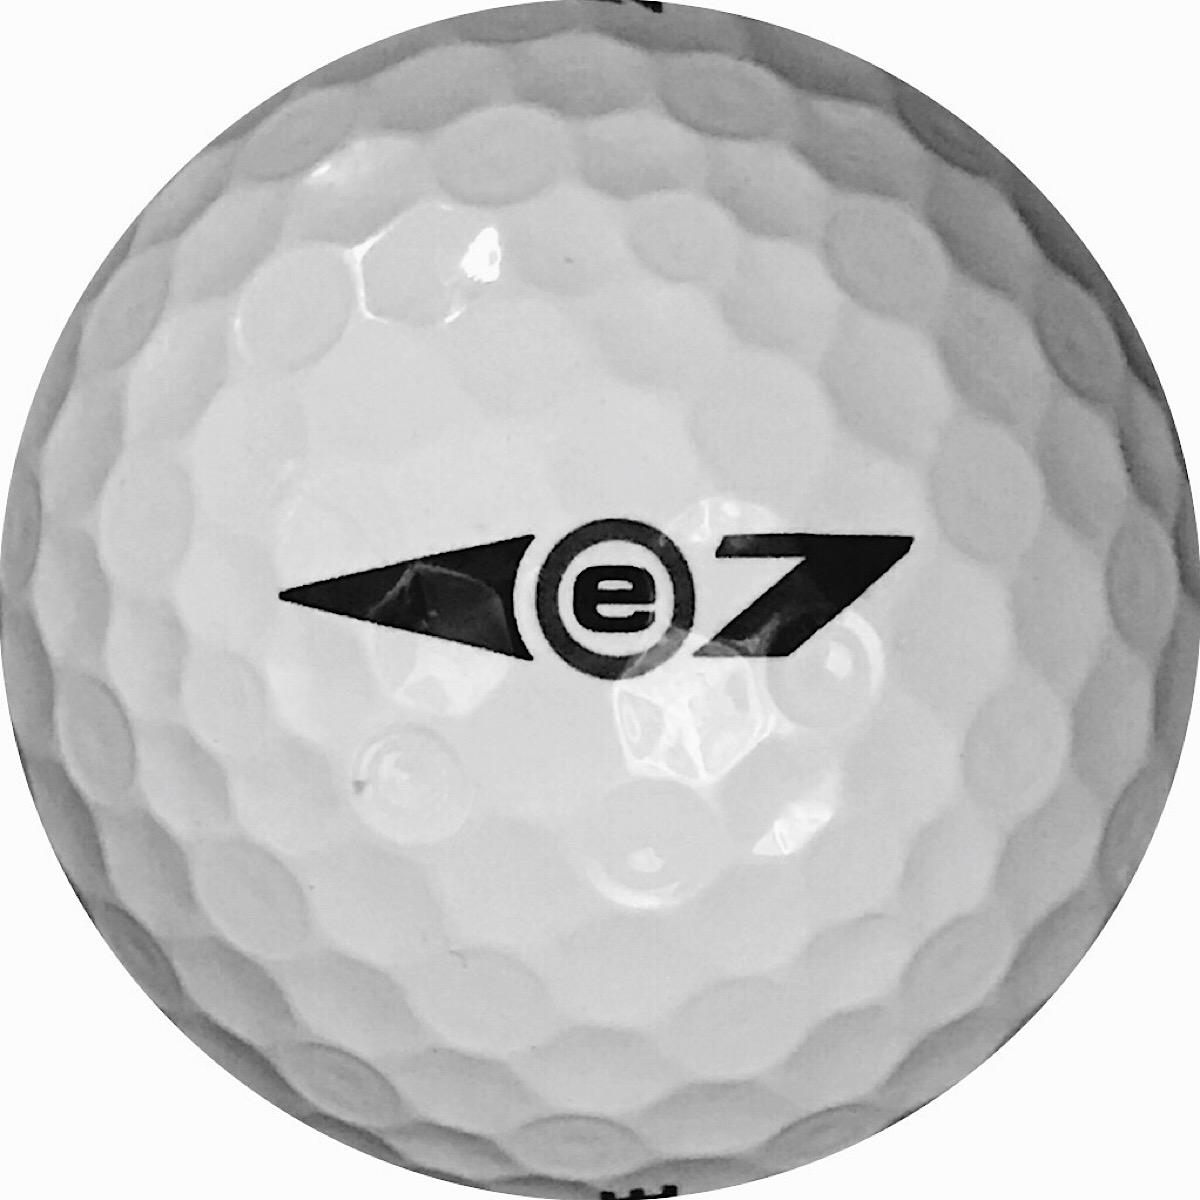 Bridgestone e dozen · golf ball house